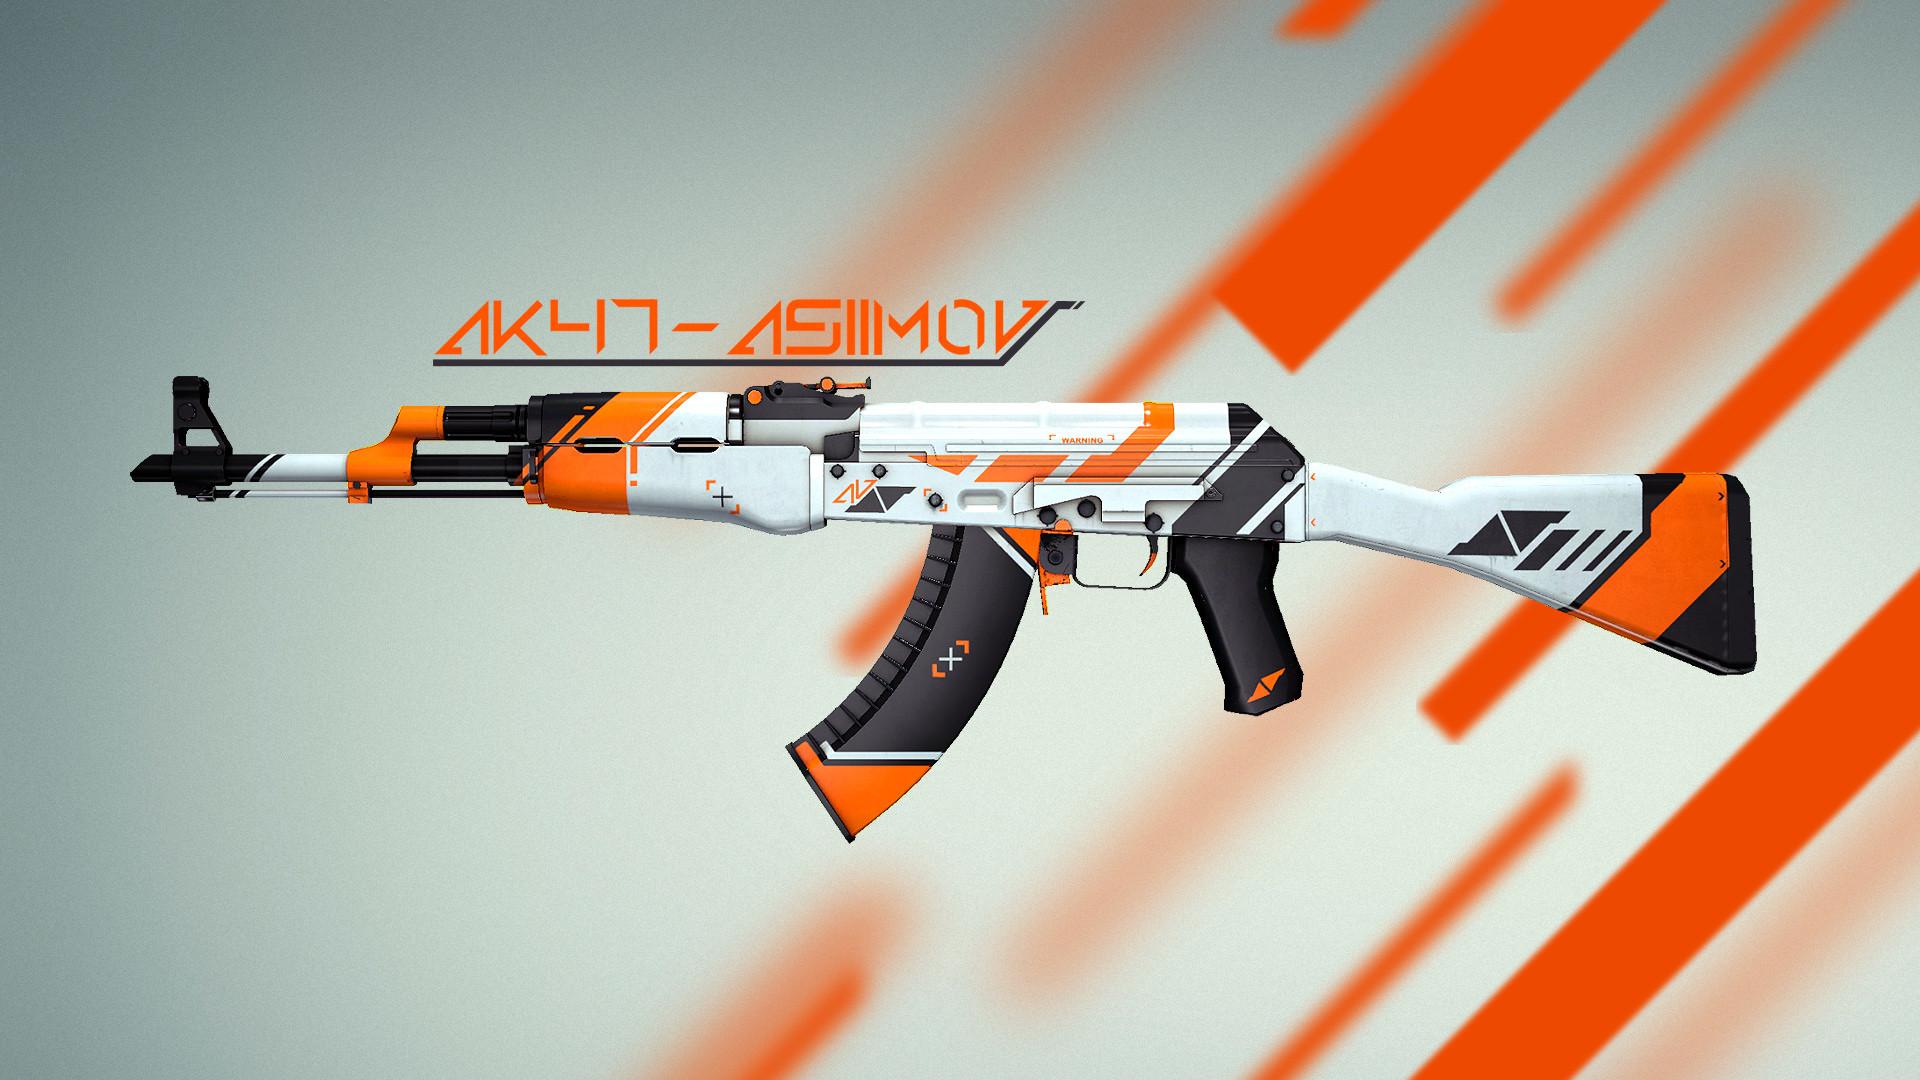 AK47 Asiimov …